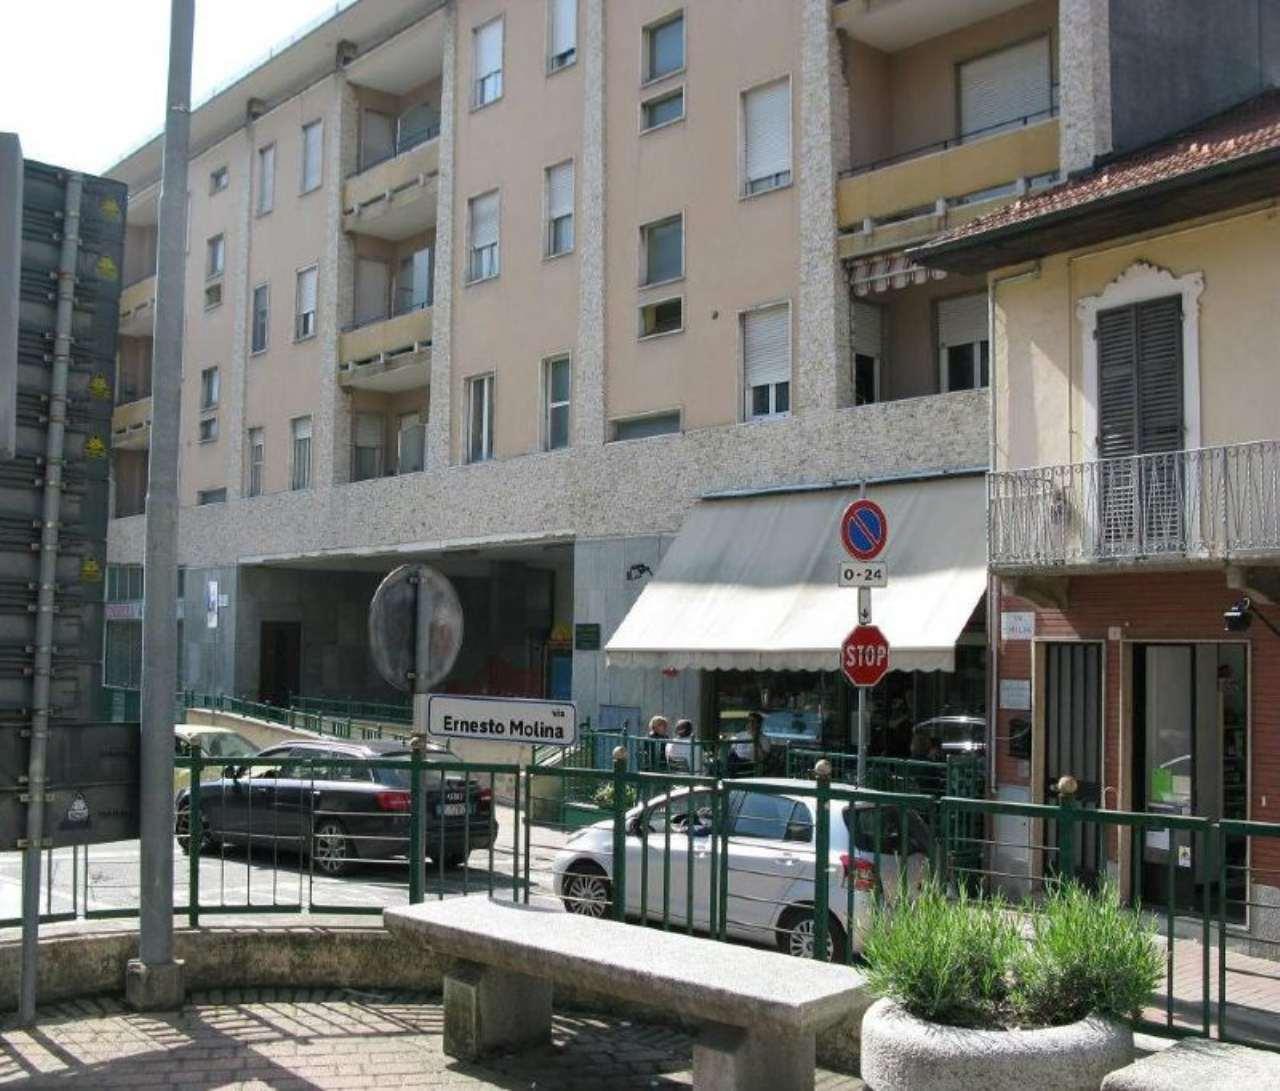 Appartamento in vendita a Pino Torinese, 4 locali, prezzo € 175.000 | Cambio Casa.it